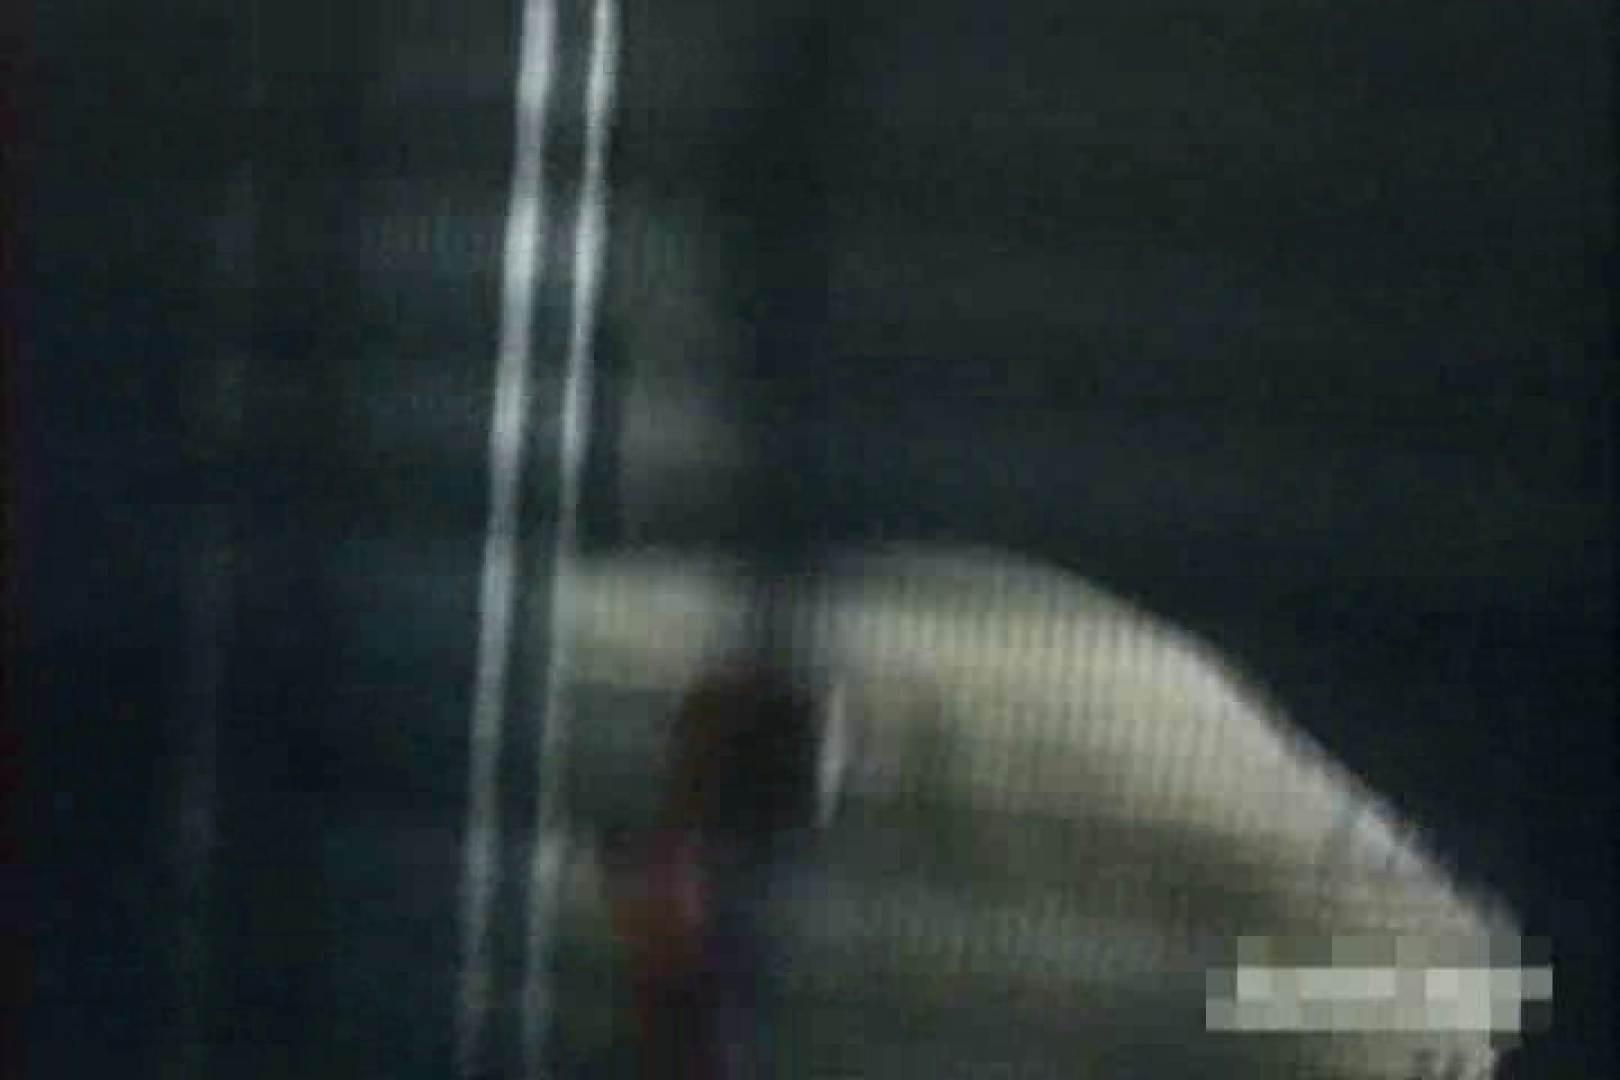 激撮ストーカー記録あなたのお宅拝見しますVol.3 シャワー ワレメ動画紹介 103pic 87